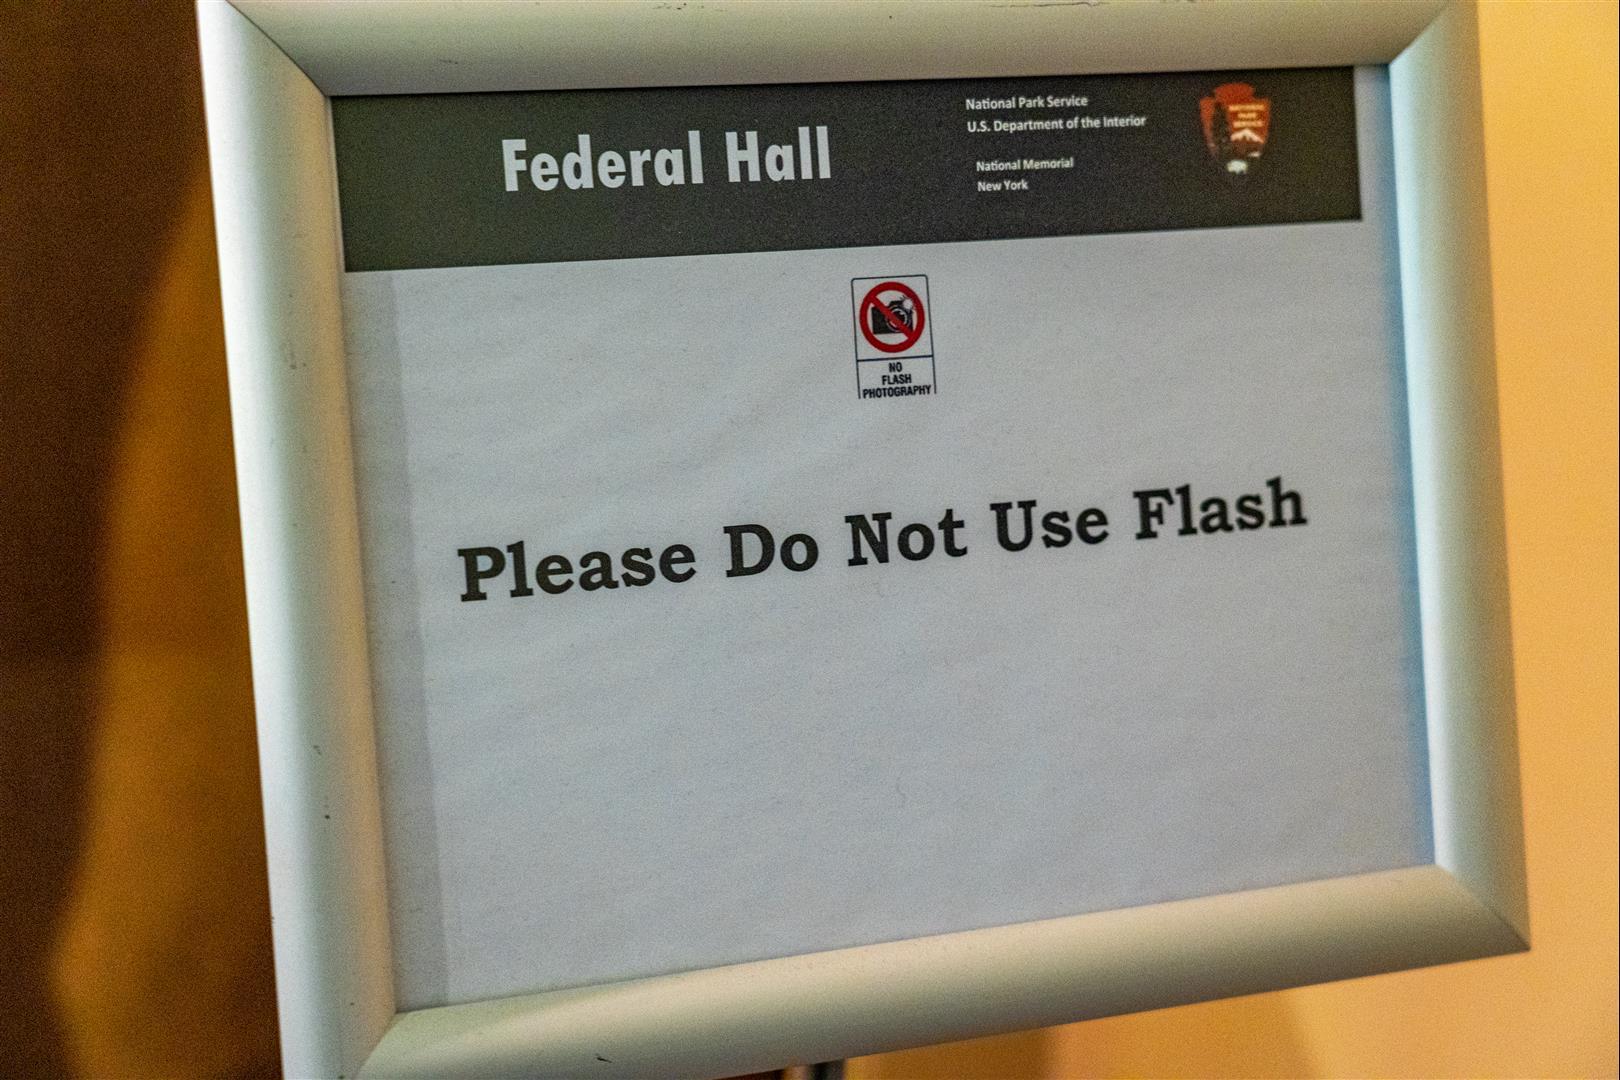 禁止使用閃光燈